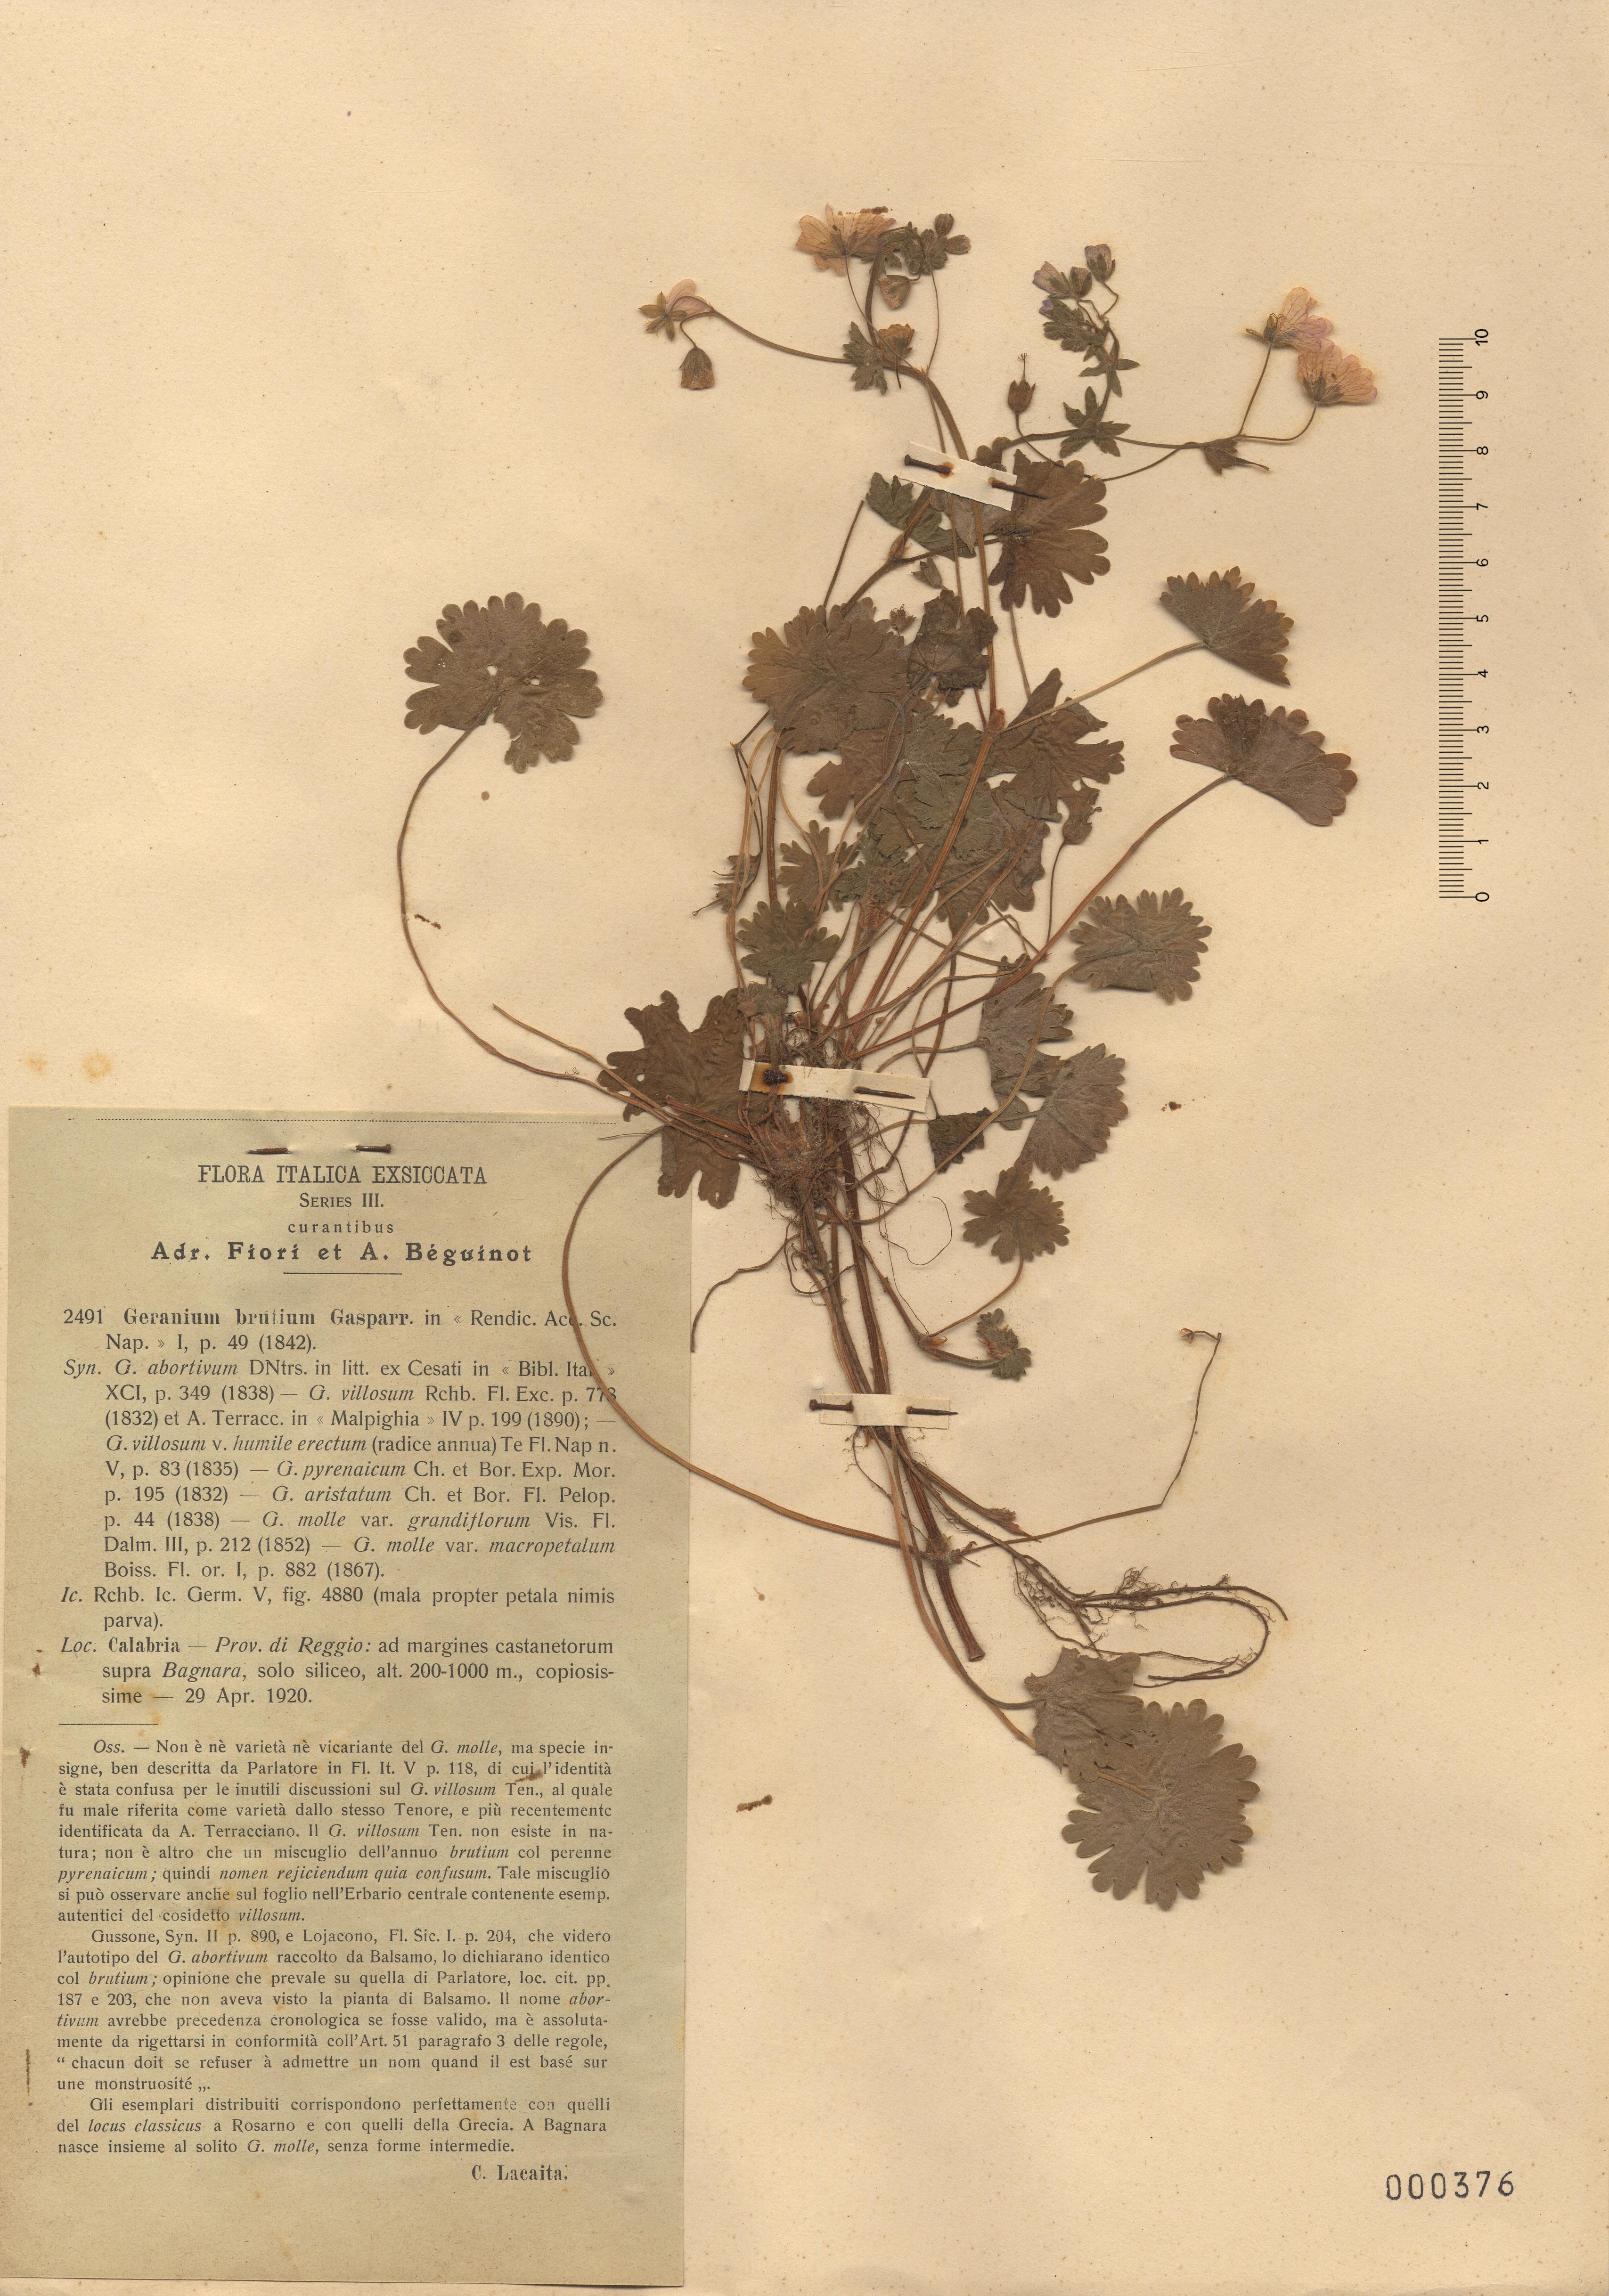 © Hortus Botanicus Catinensis - Herb. sheet 000376<br>